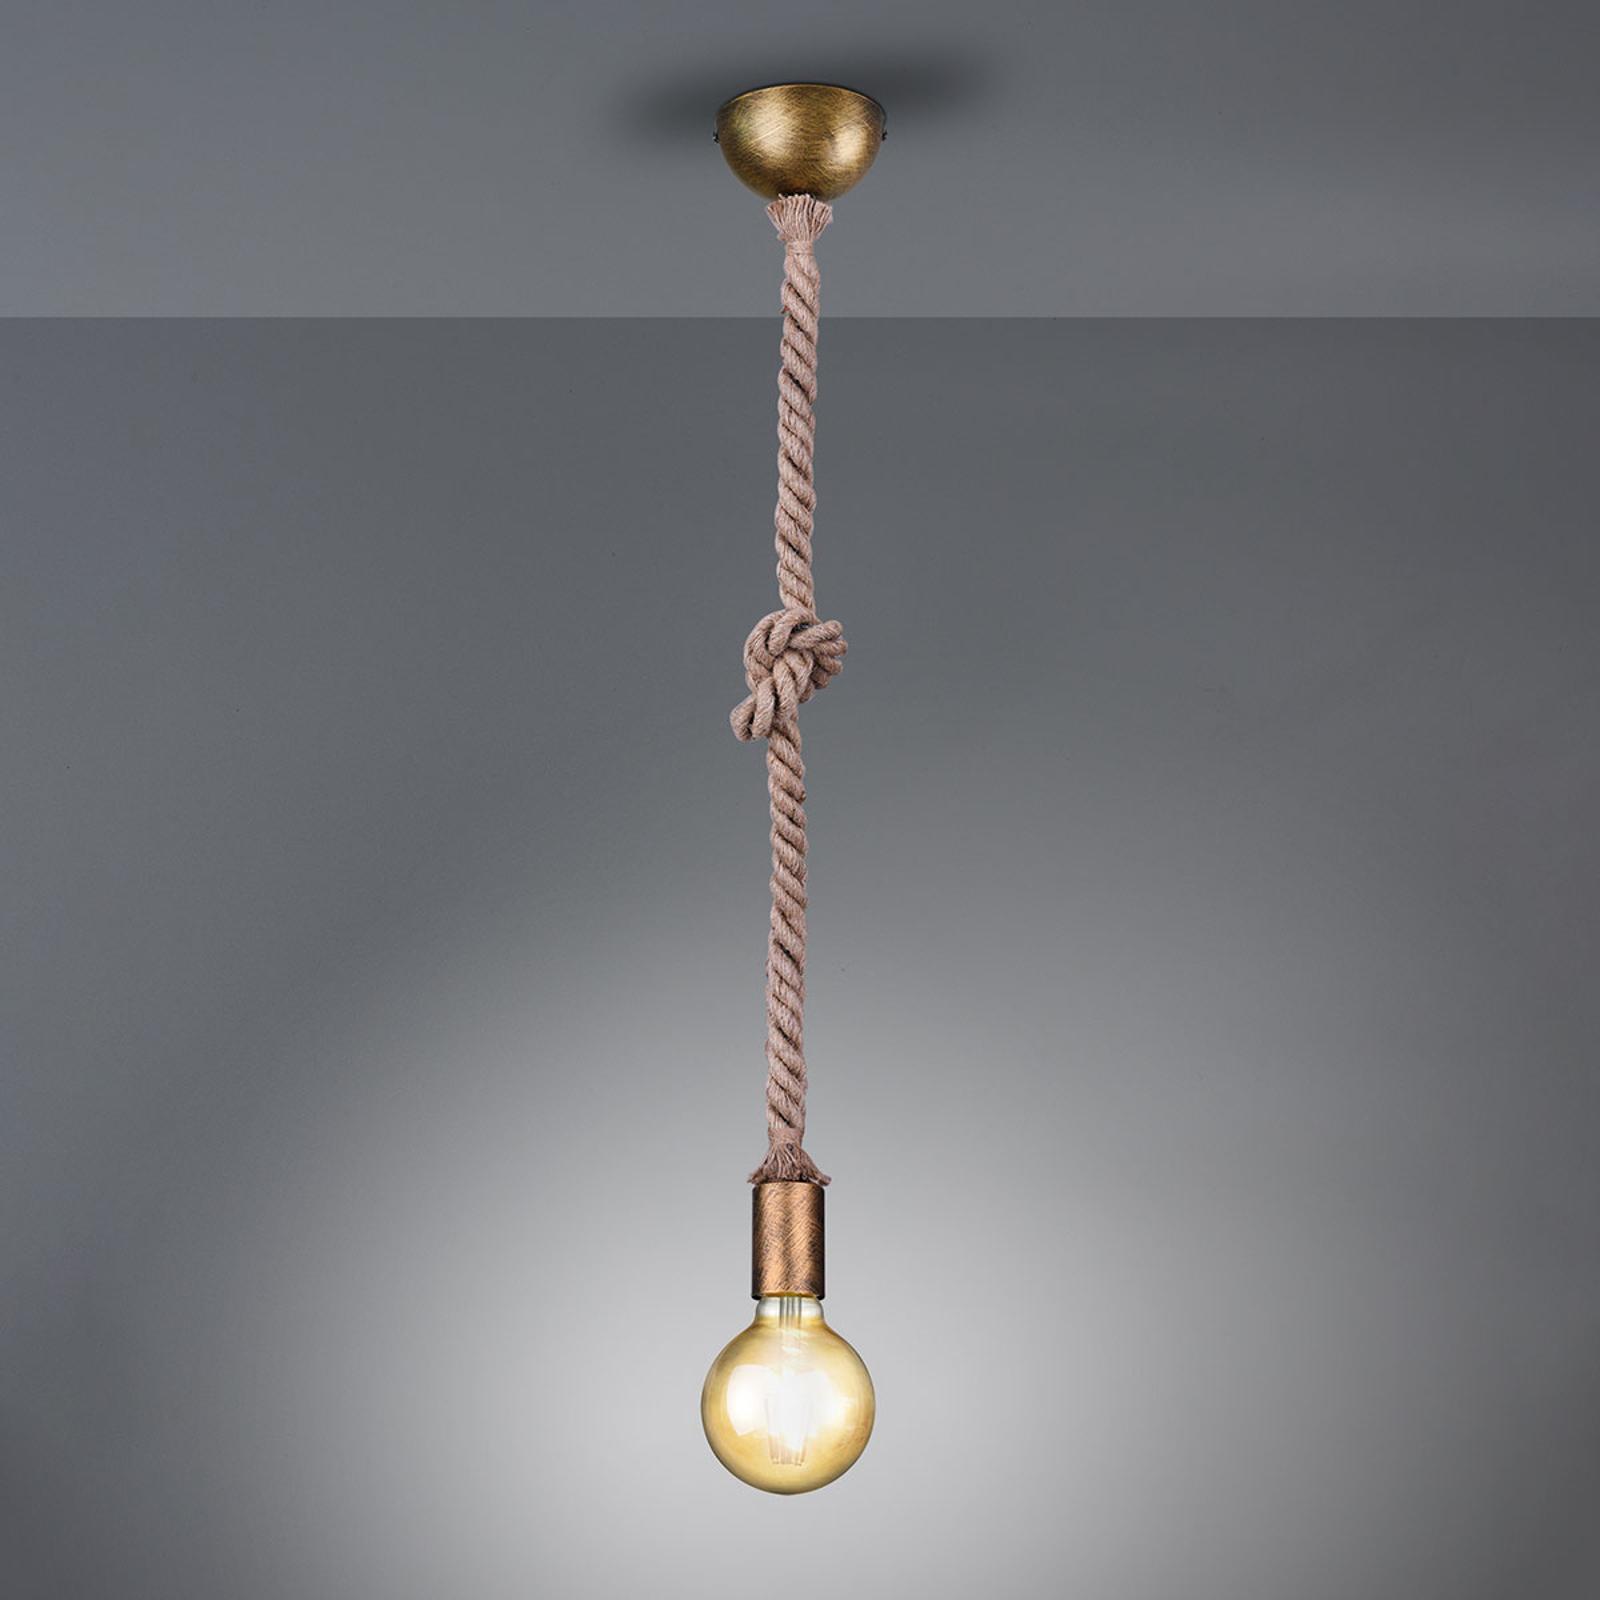 Riippuvalo Rope koristeellinen vaijeri 1 lamppu